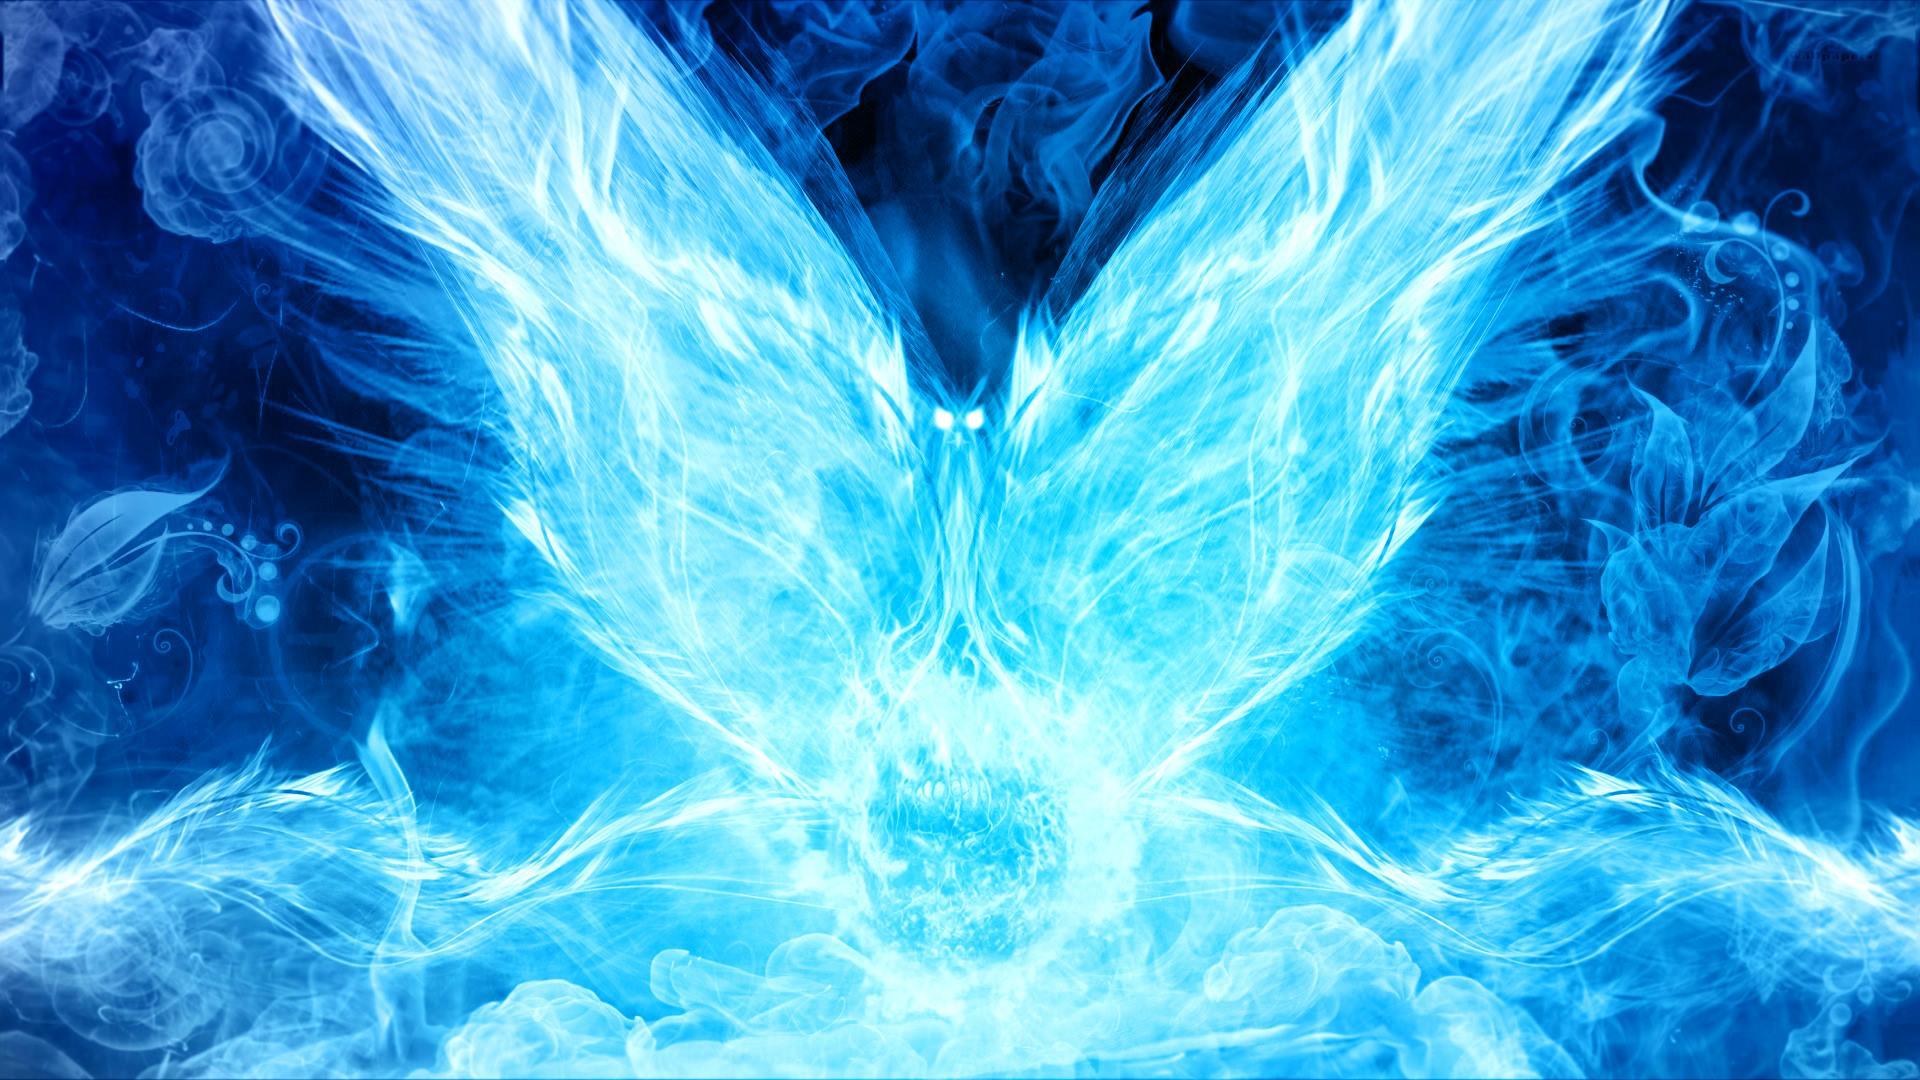 Blue Flames Wallpaper 1920x1080